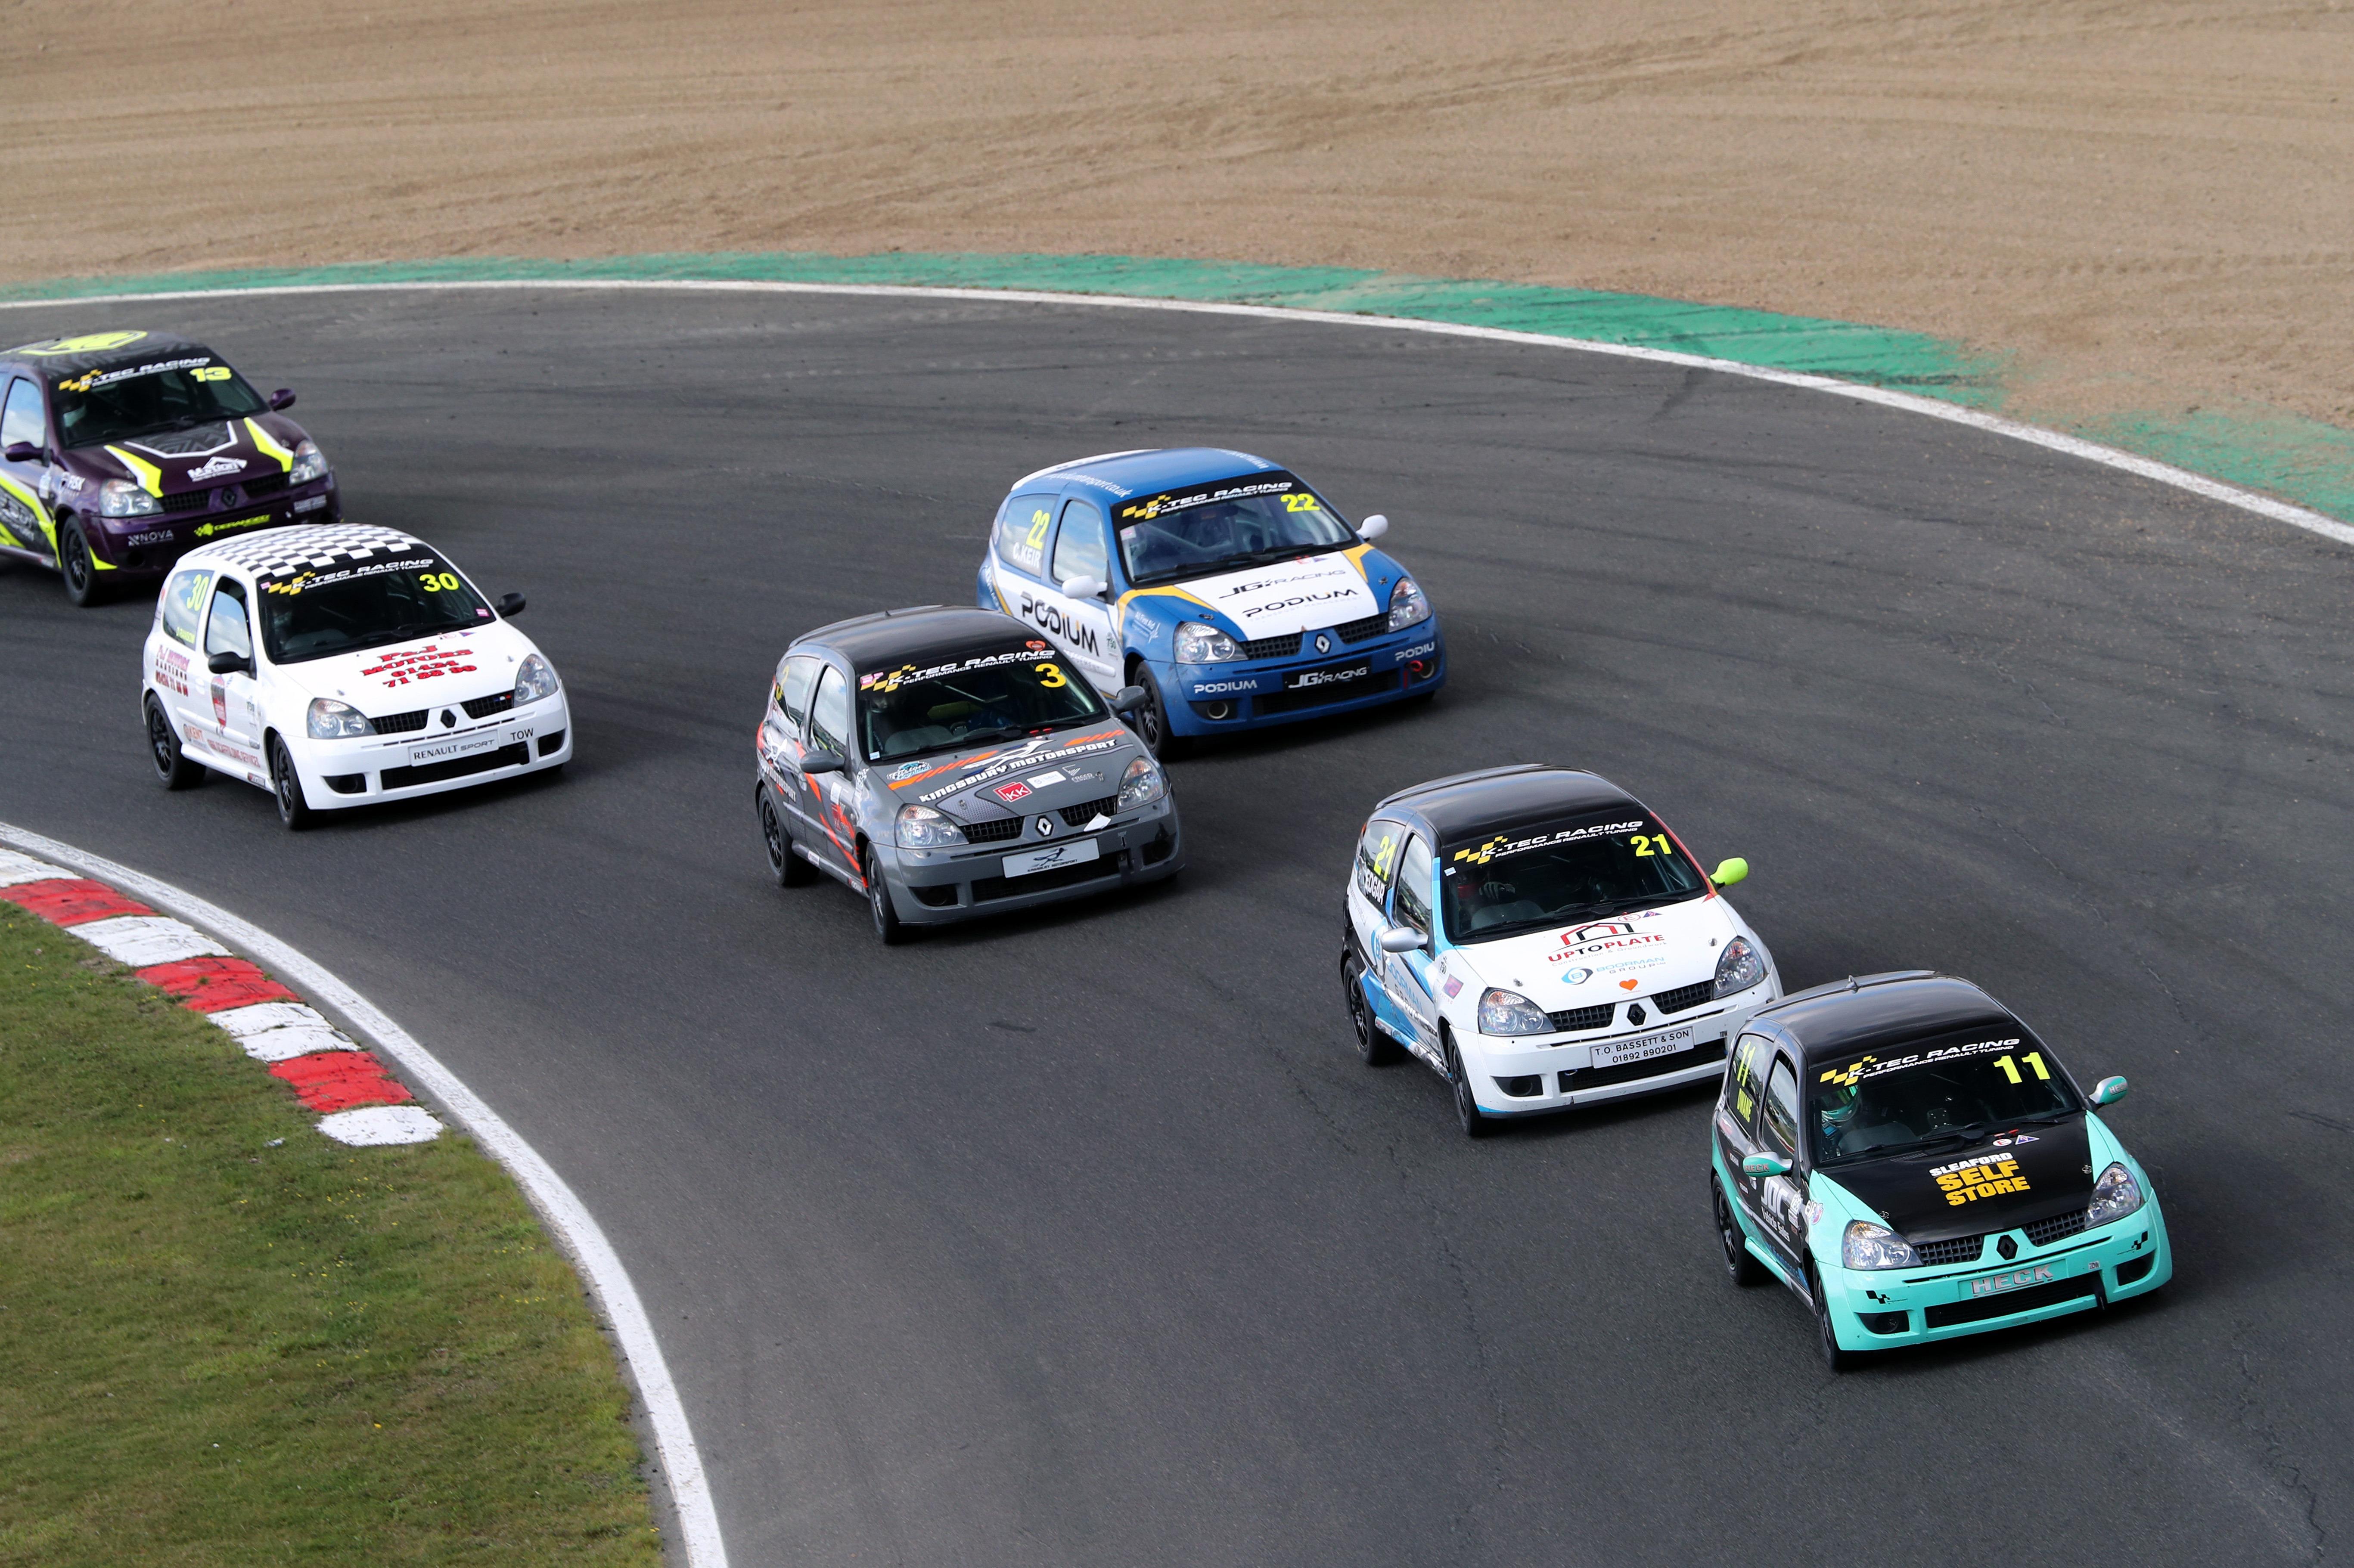 Clio 182 Championship, Brands Hatch 2021